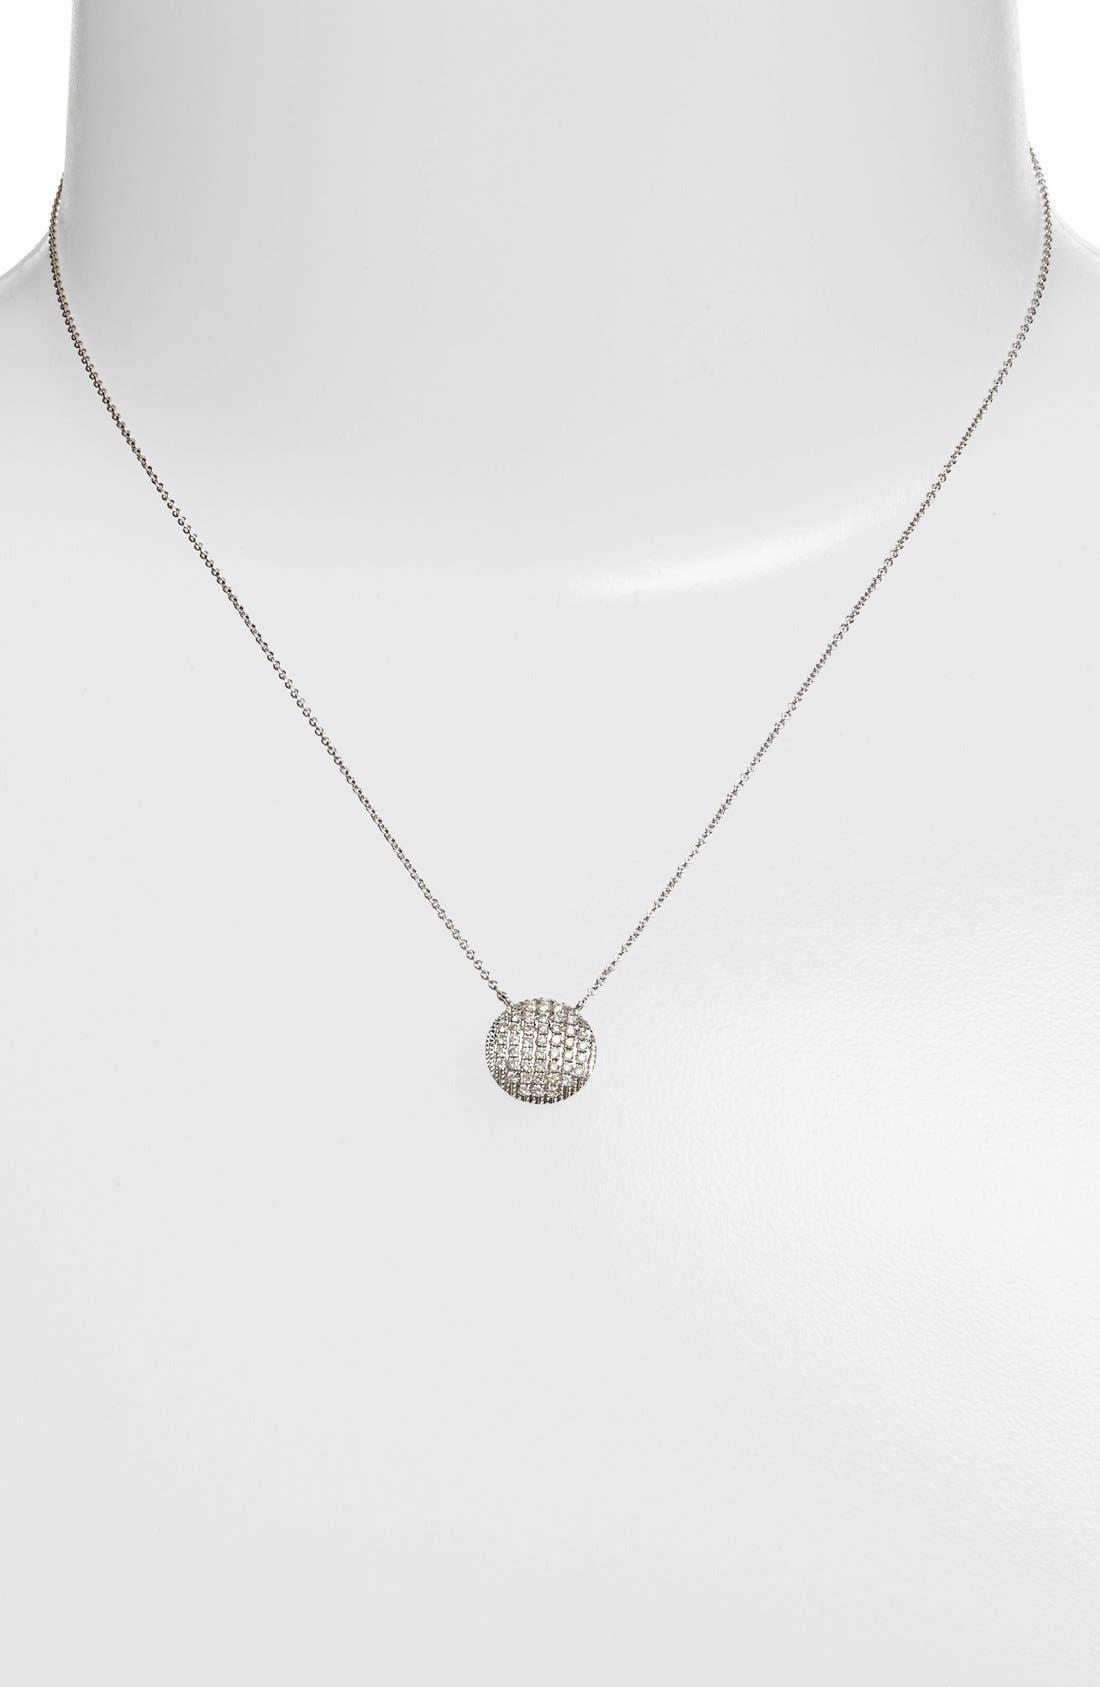 'Lauren Joy' Diamond Disc Pendant Necklace,                             Alternate thumbnail 2, color,                             WHITE GOLD